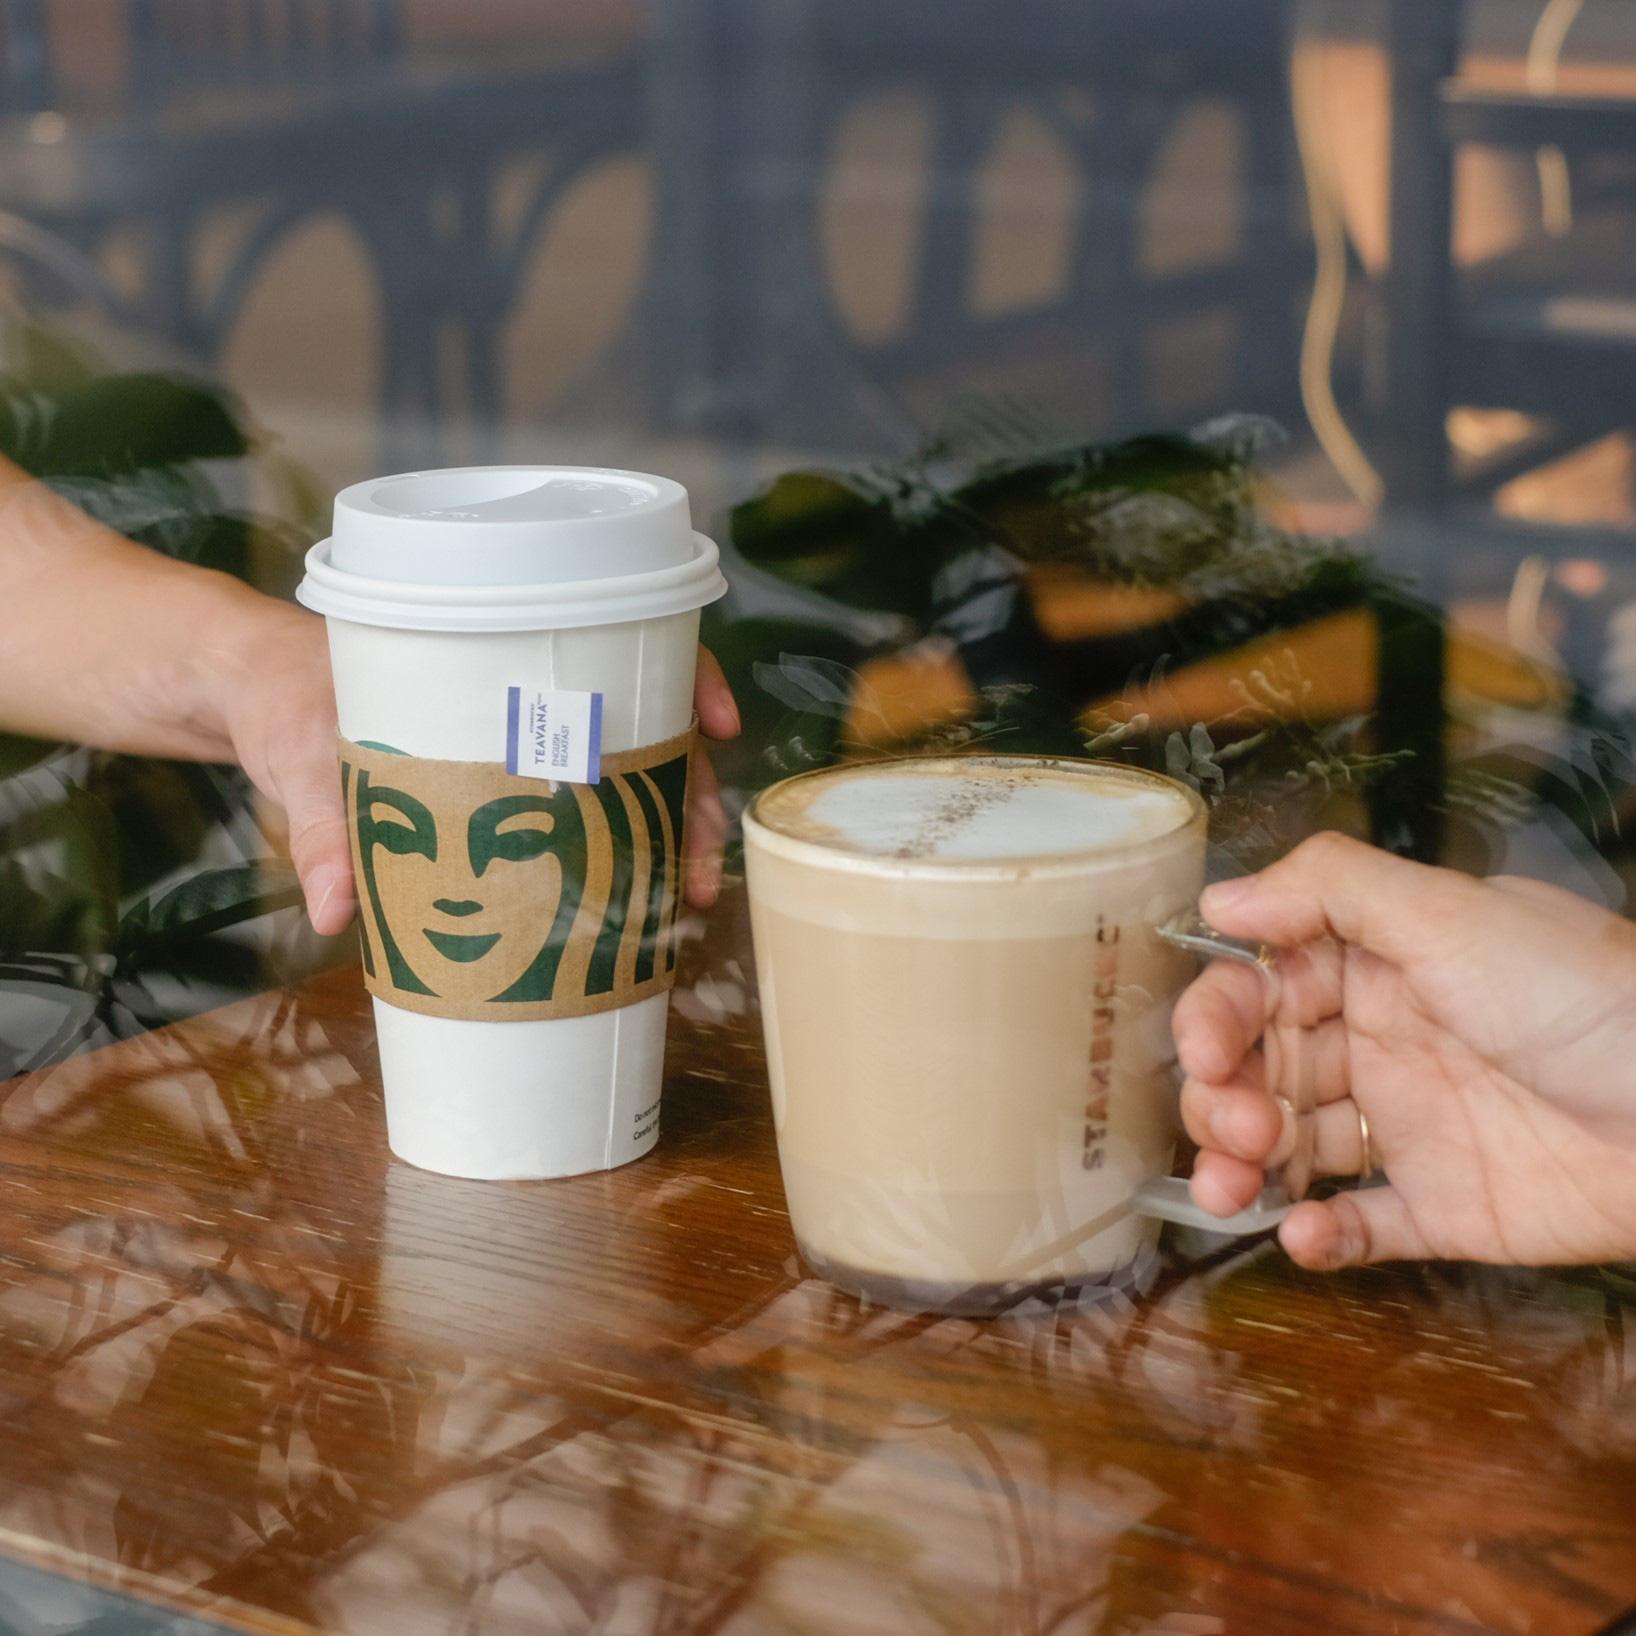 Update ngay loạt quán cà phê mở xuyên Tết ở Hà Nội cho dân tình tha hồ đi chill - Ảnh 7.